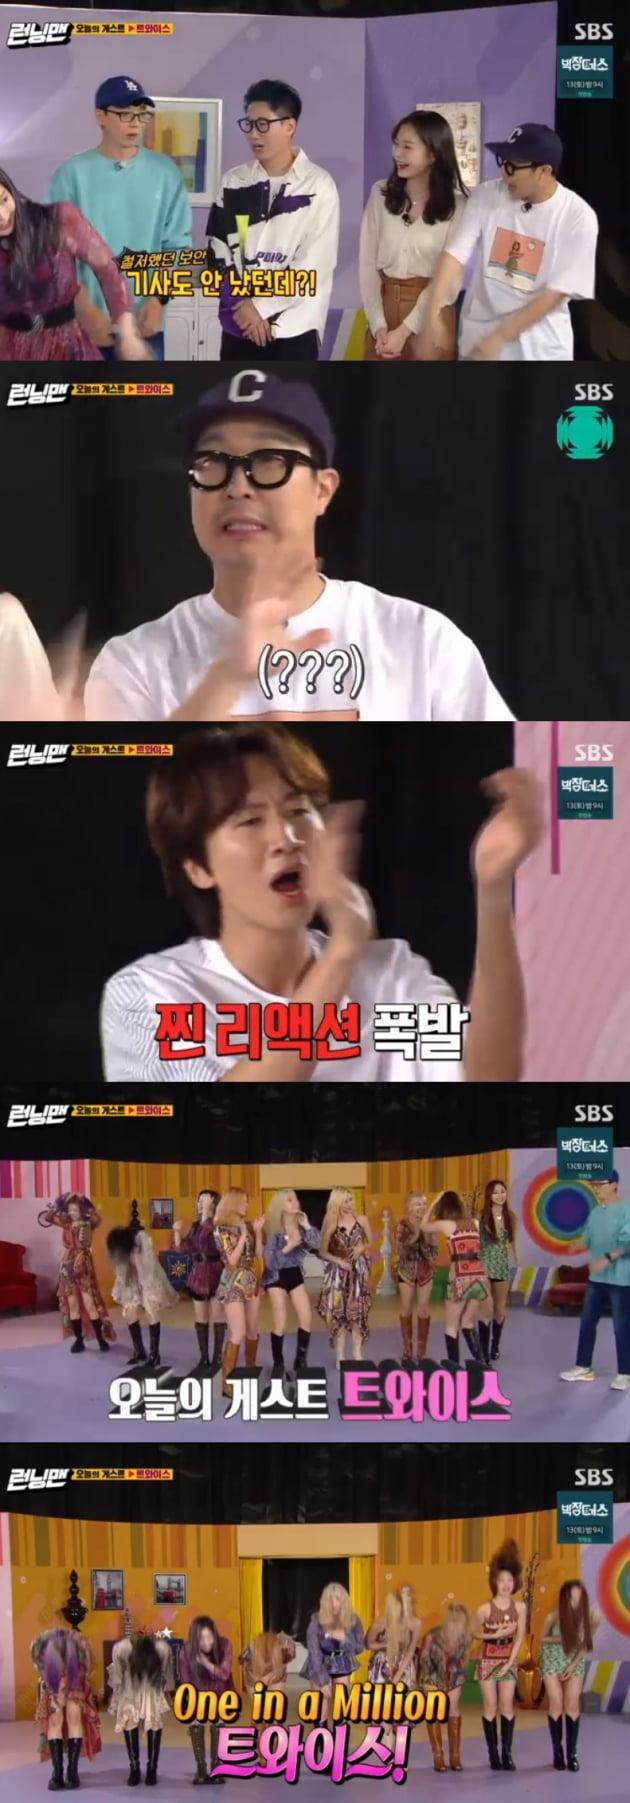 '런닝맨' 트와이스 / 사진 = SBS 영상 캡처